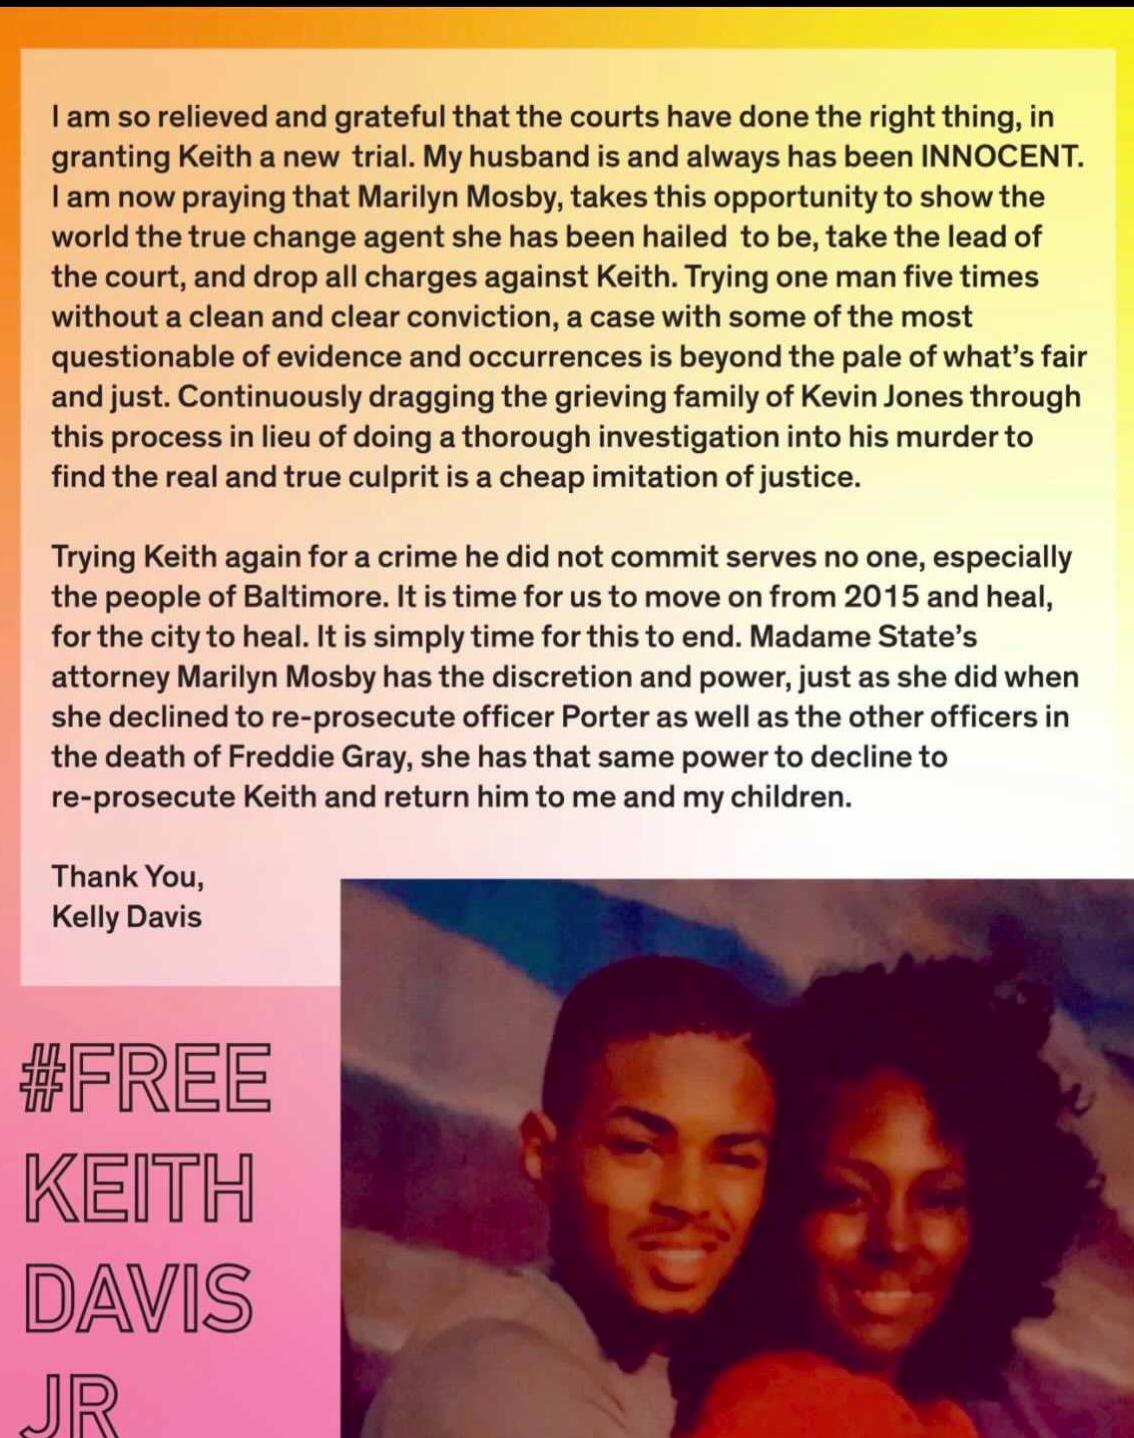 keith davis kelly davis statement